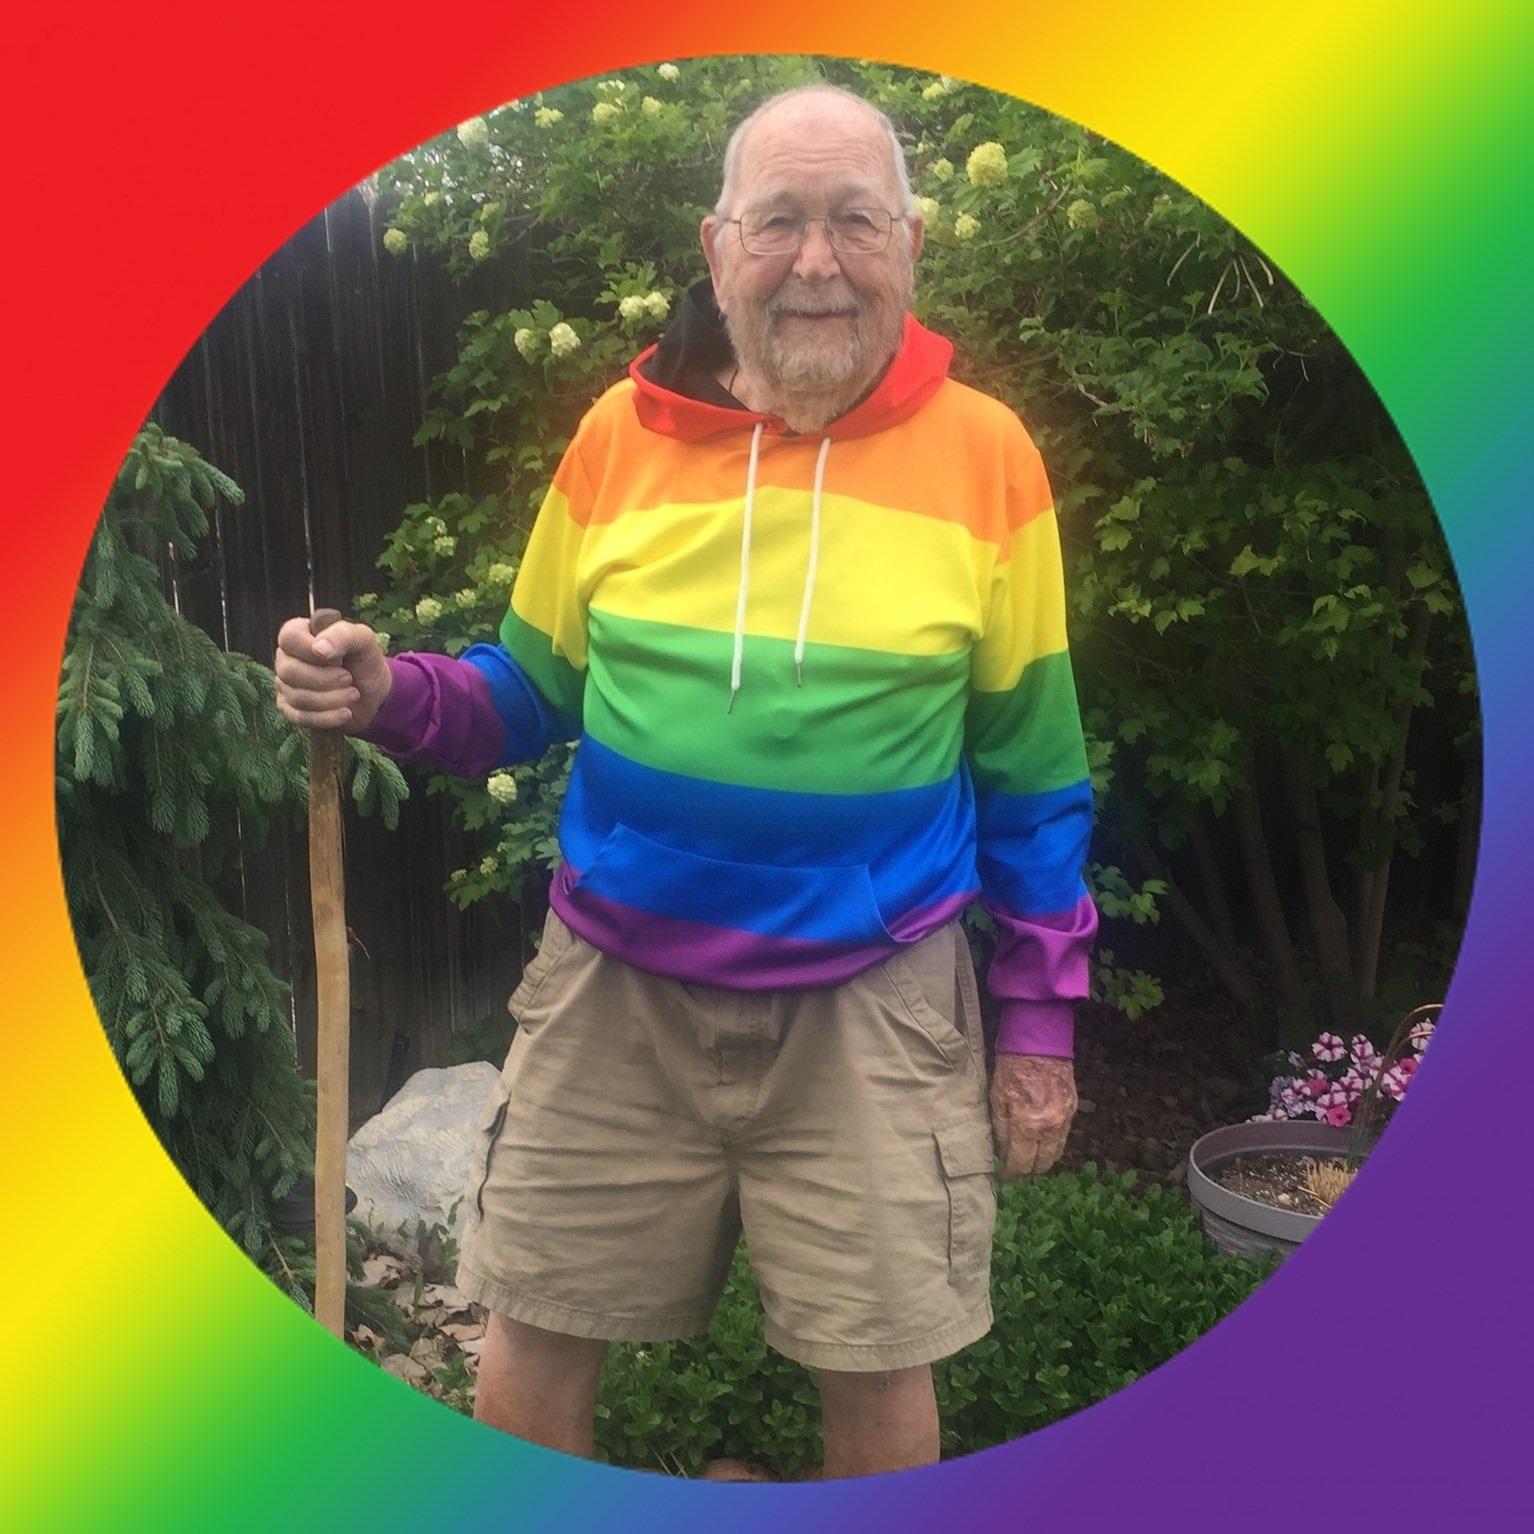 Abuelo de 90 años sale del armario